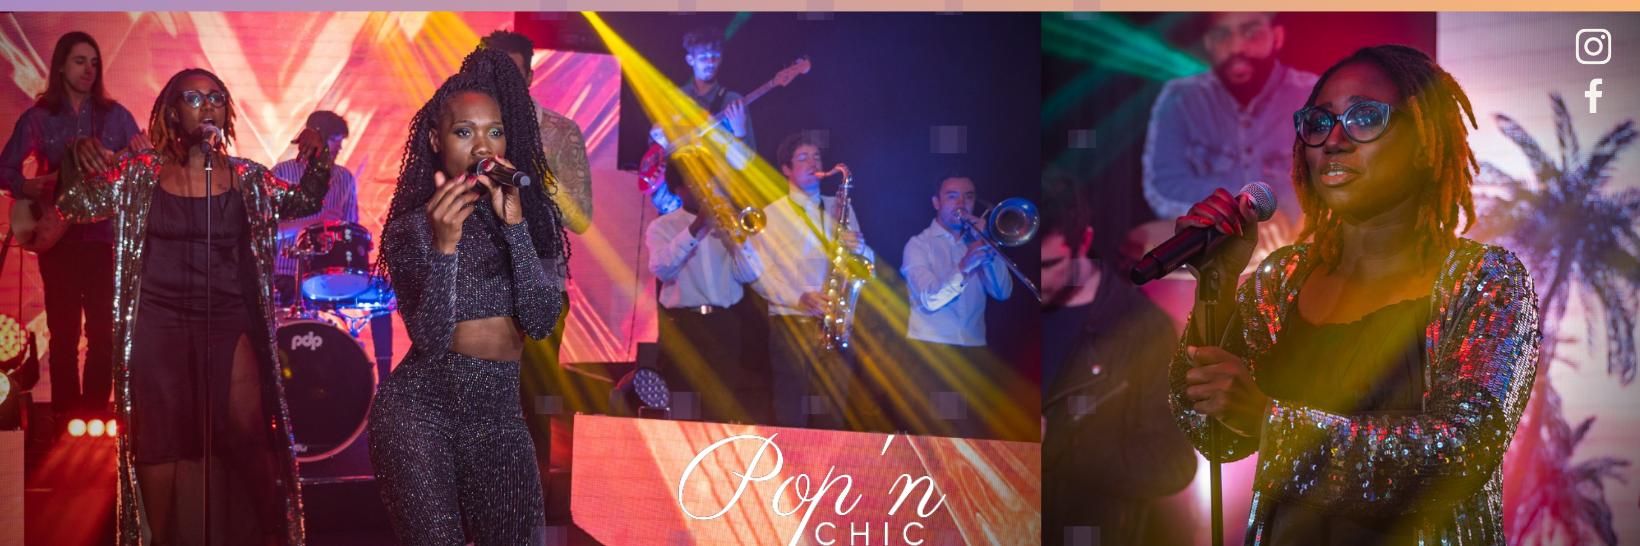 Orchestre De Mariage, groupe de musique Rock en représentation à Hauts de Seine - photo de couverture n° 1